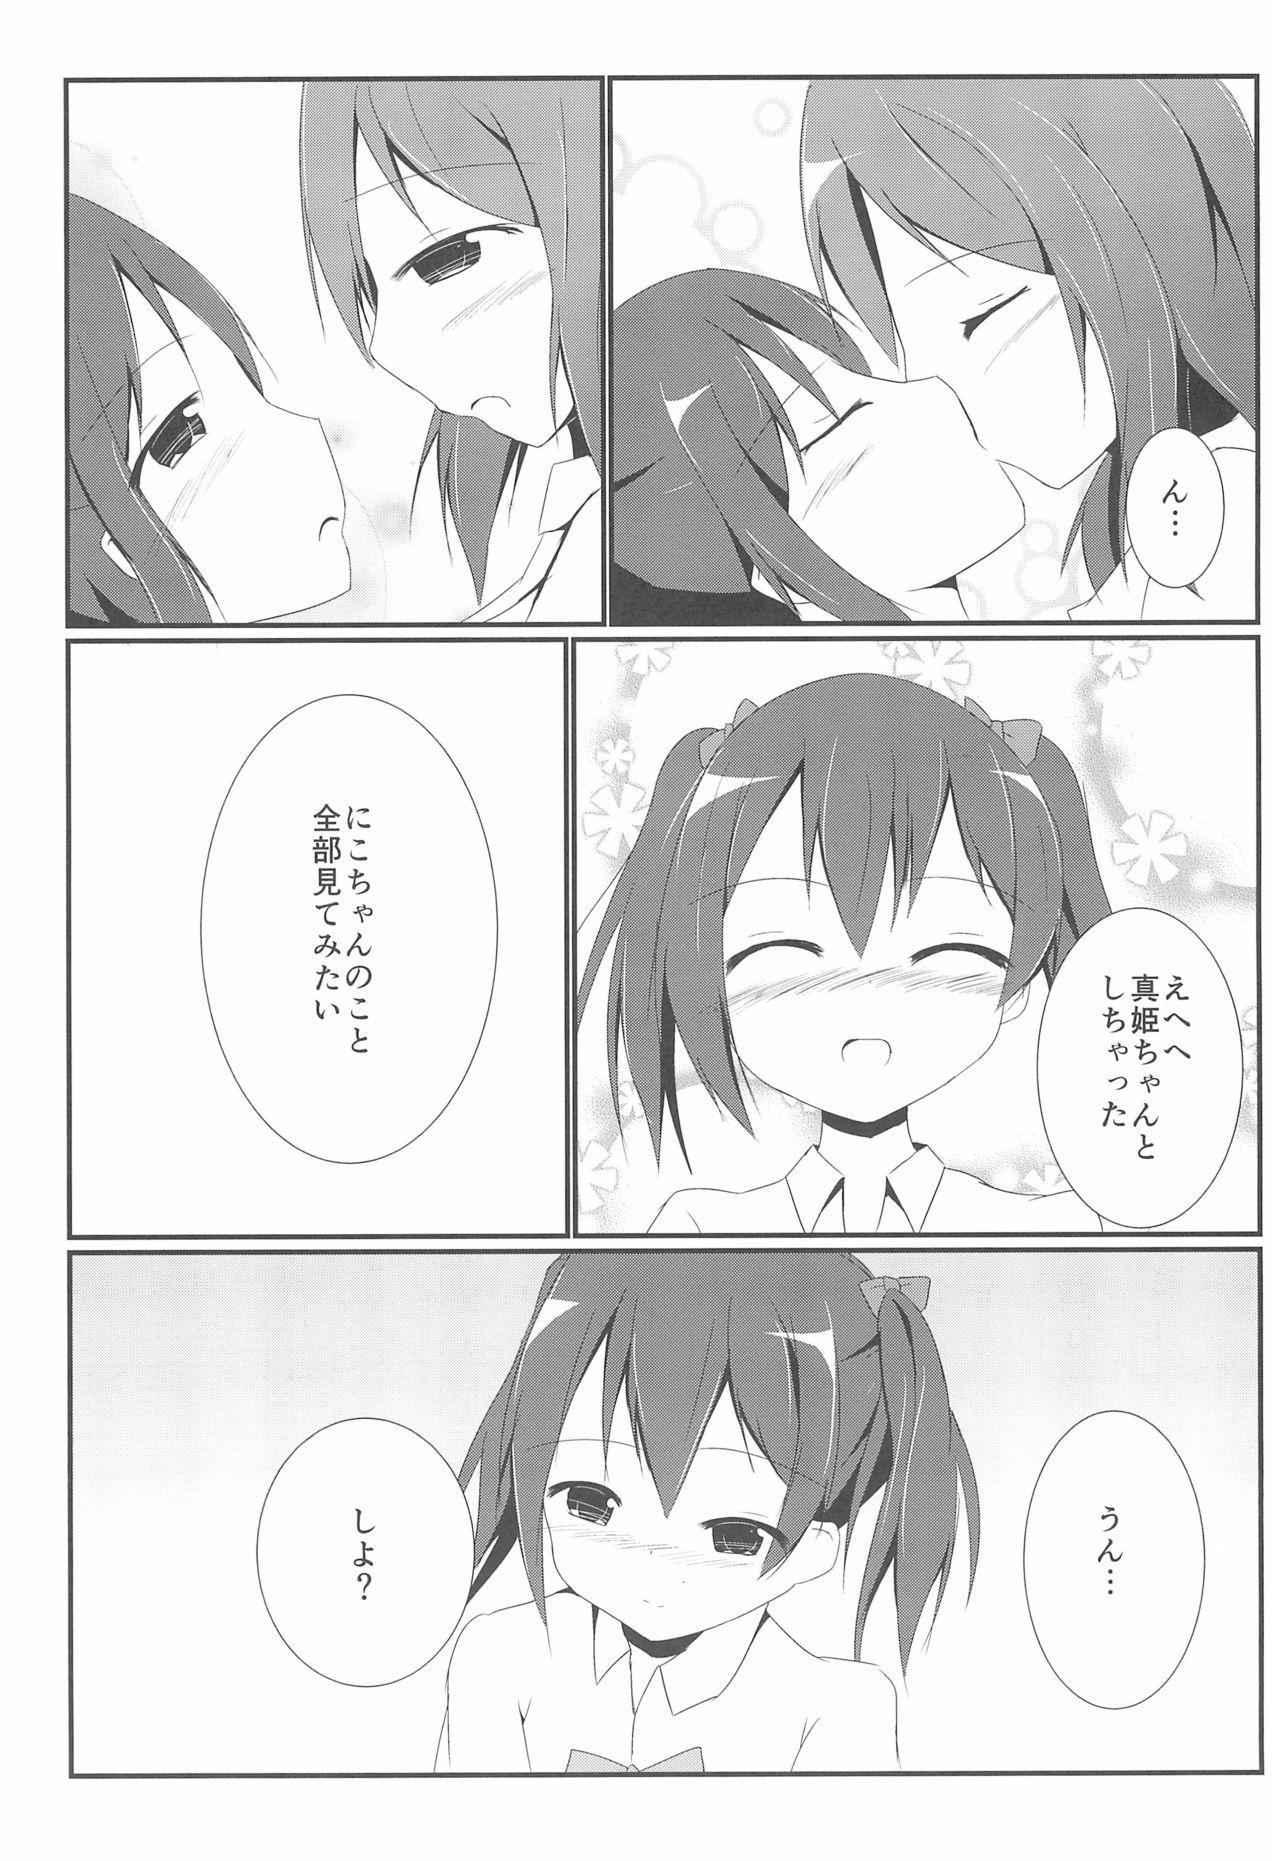 Tsukamaechau 10